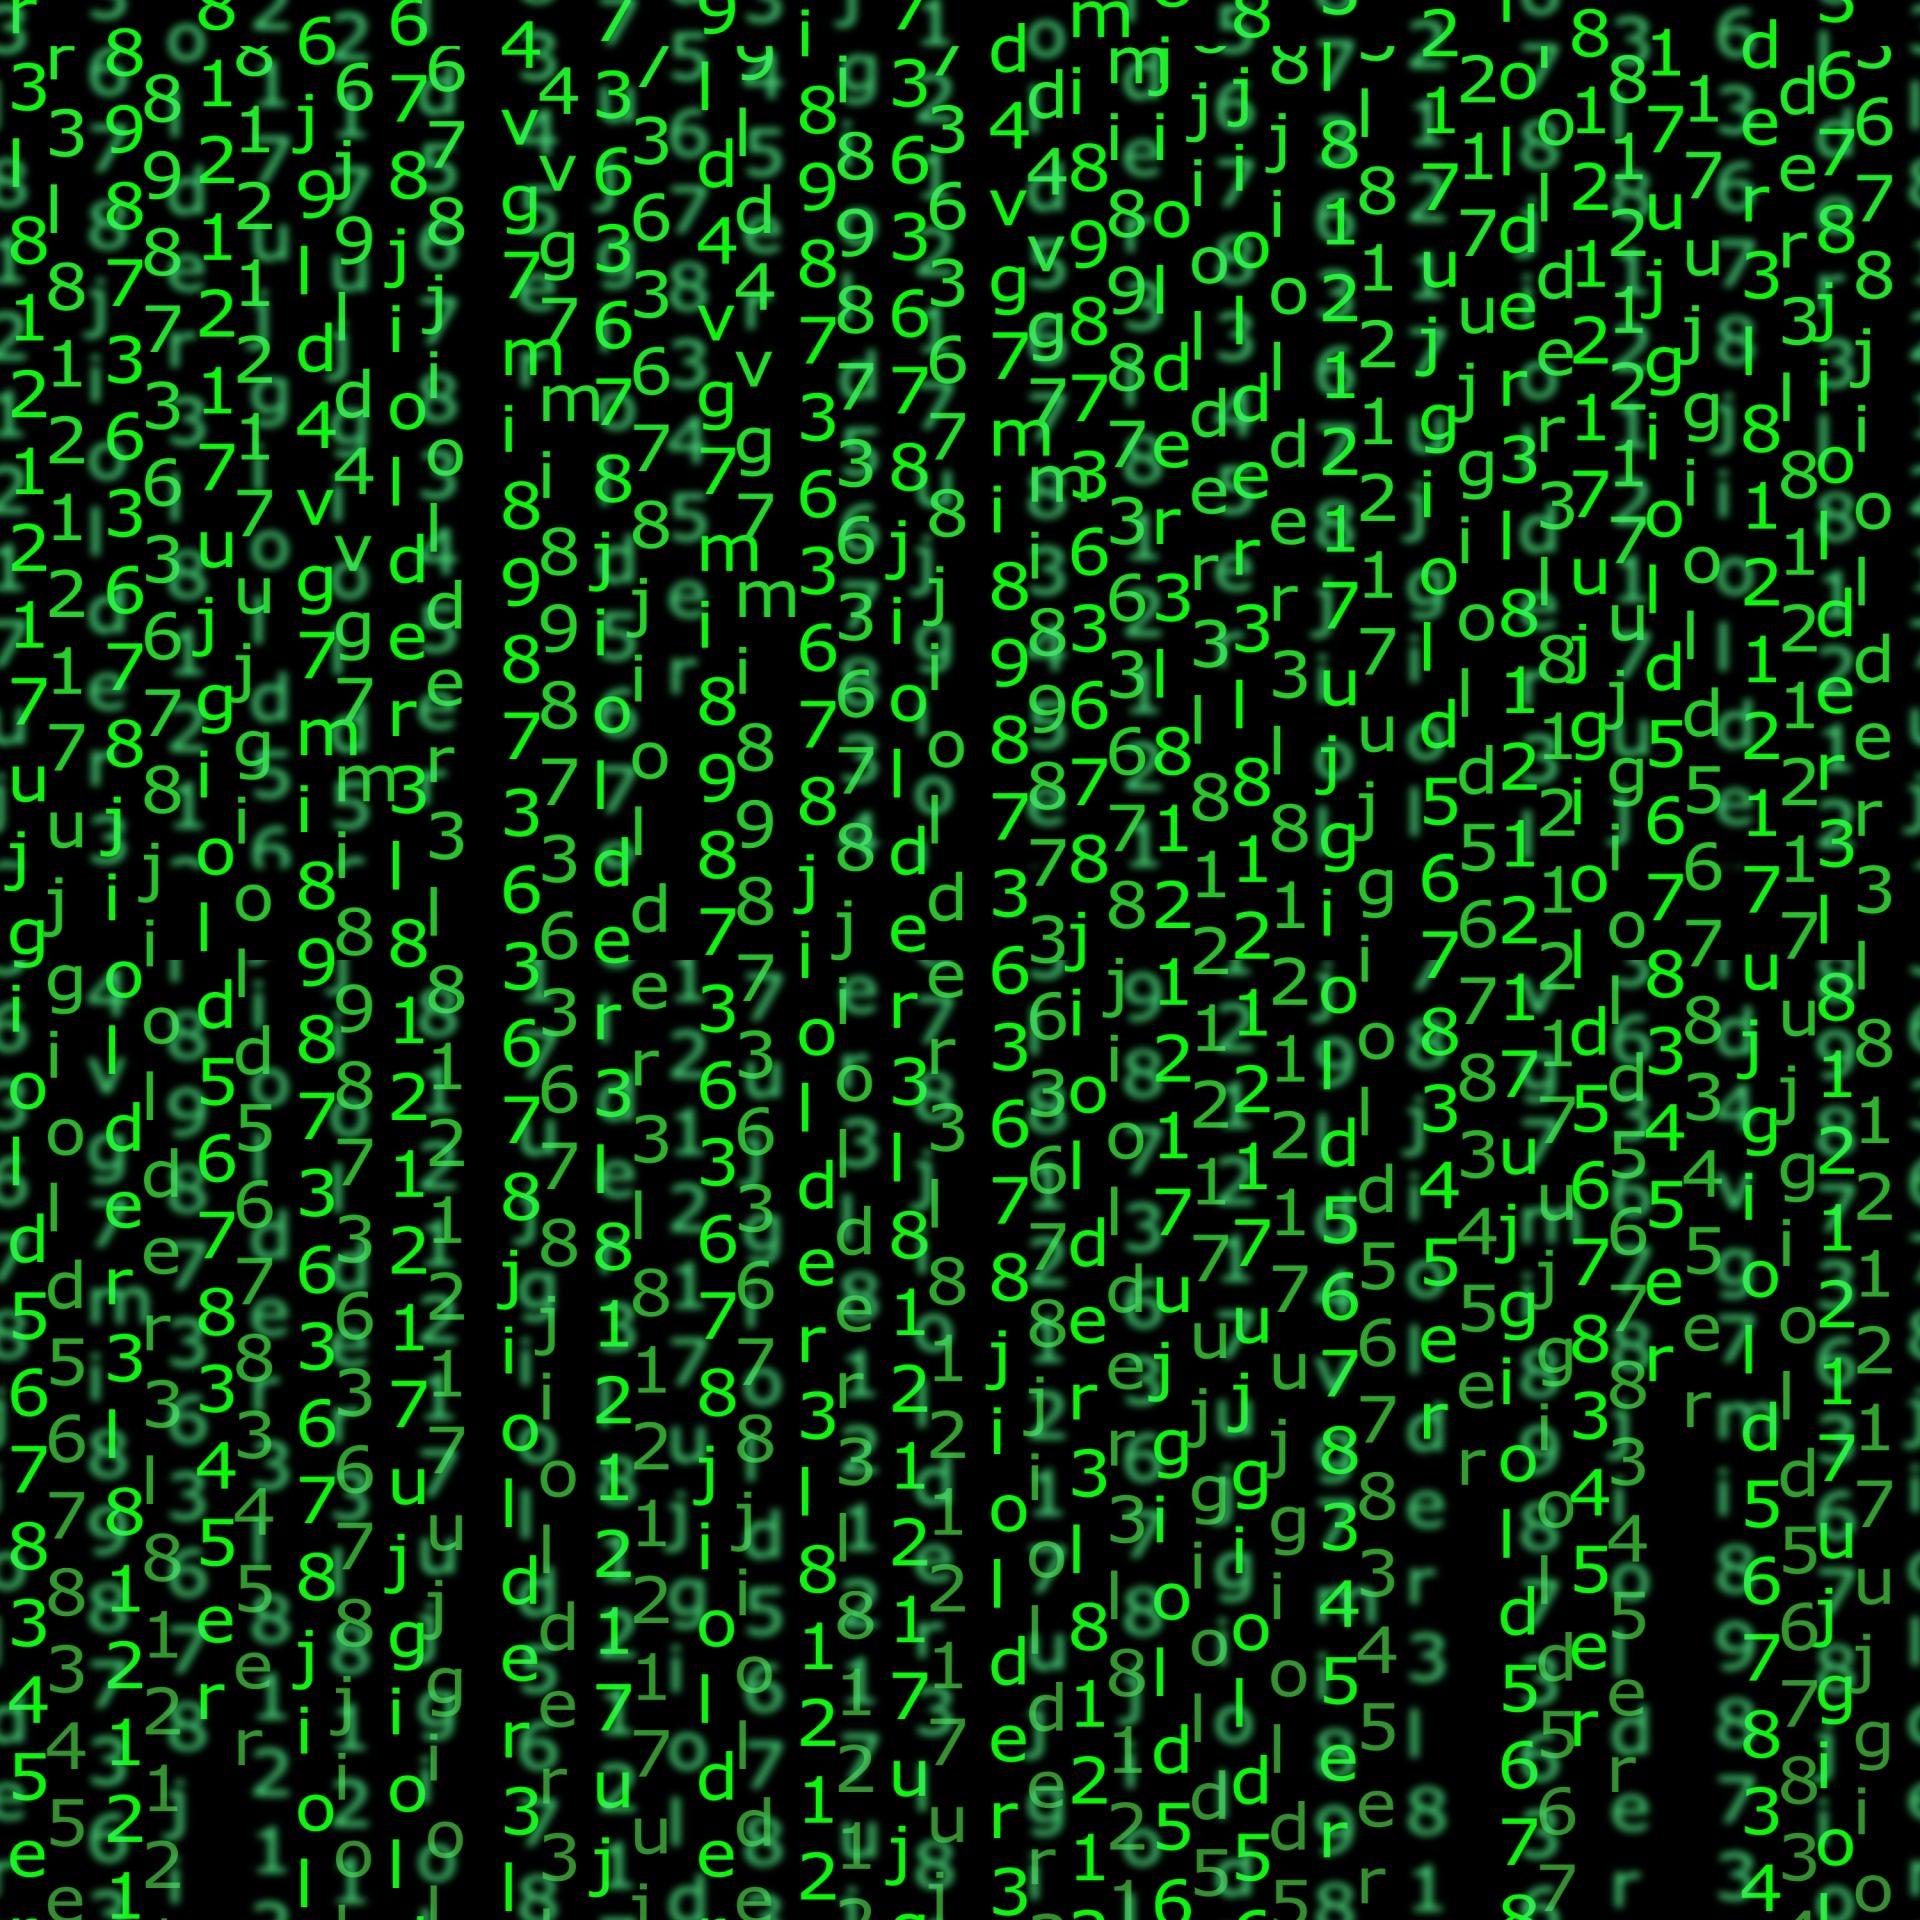 Matrix ….primo esempio ad uso degli umani!